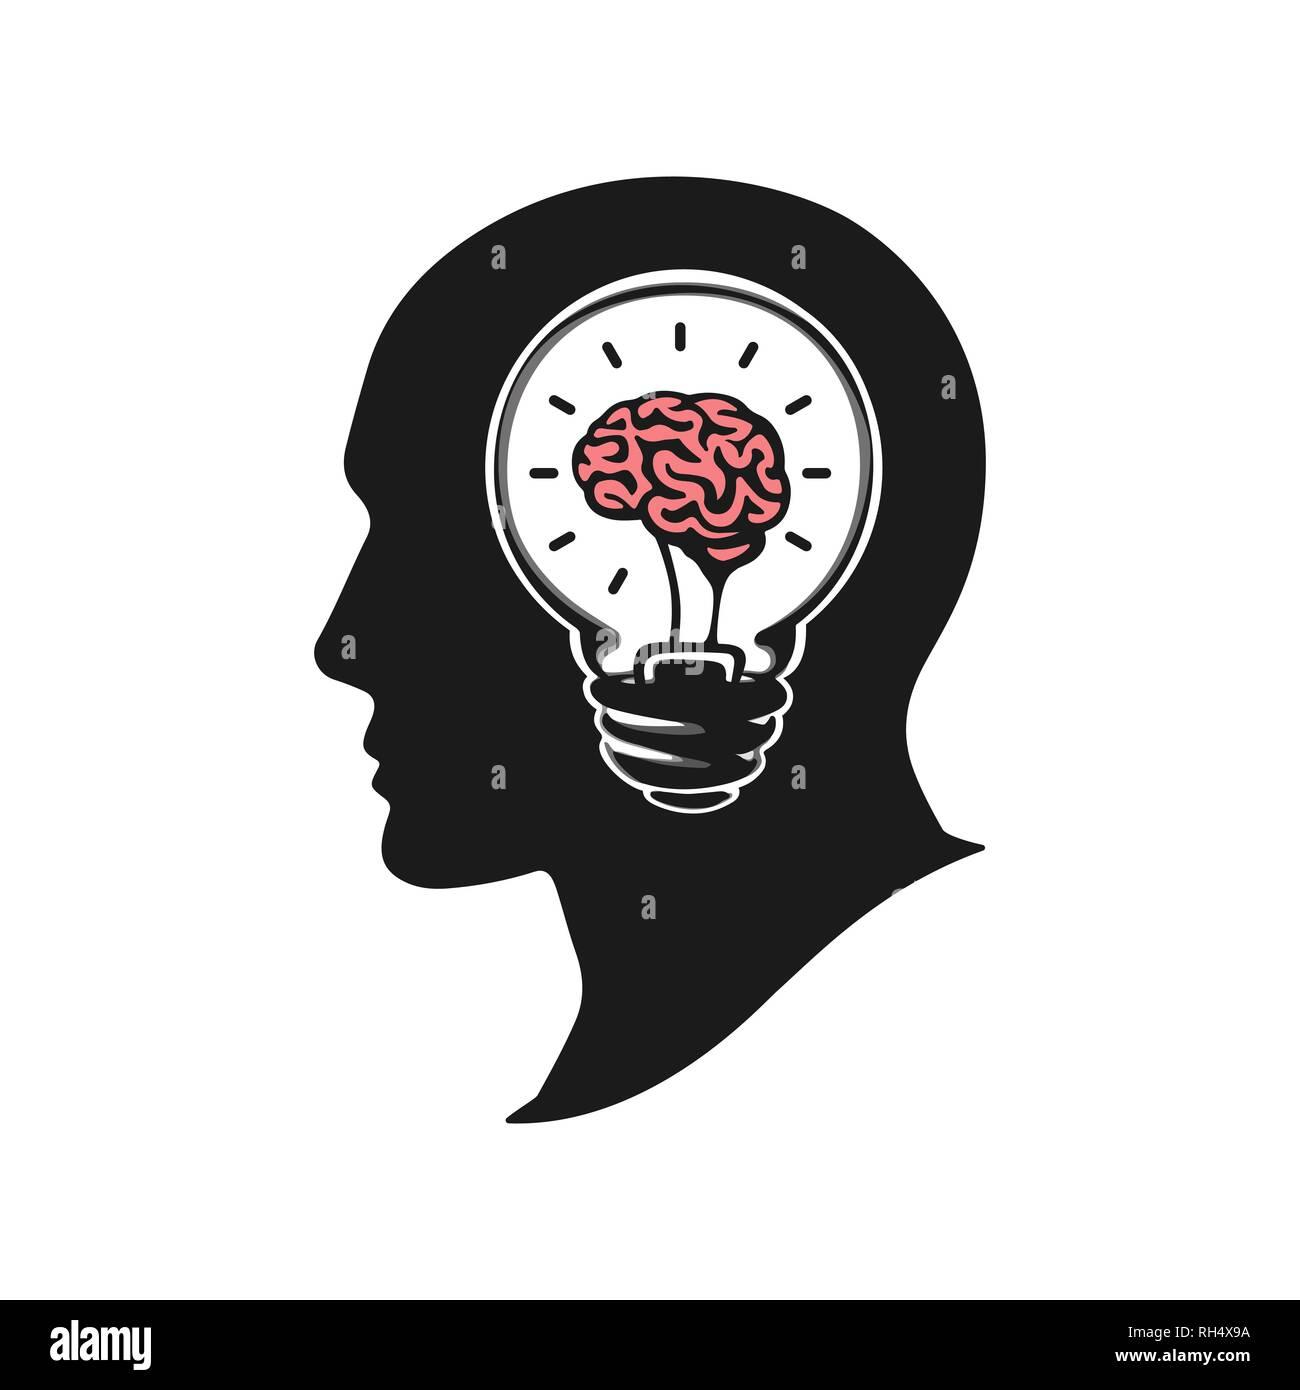 Head Silhouette Brain Stock Photos & Head Silhouette Brain